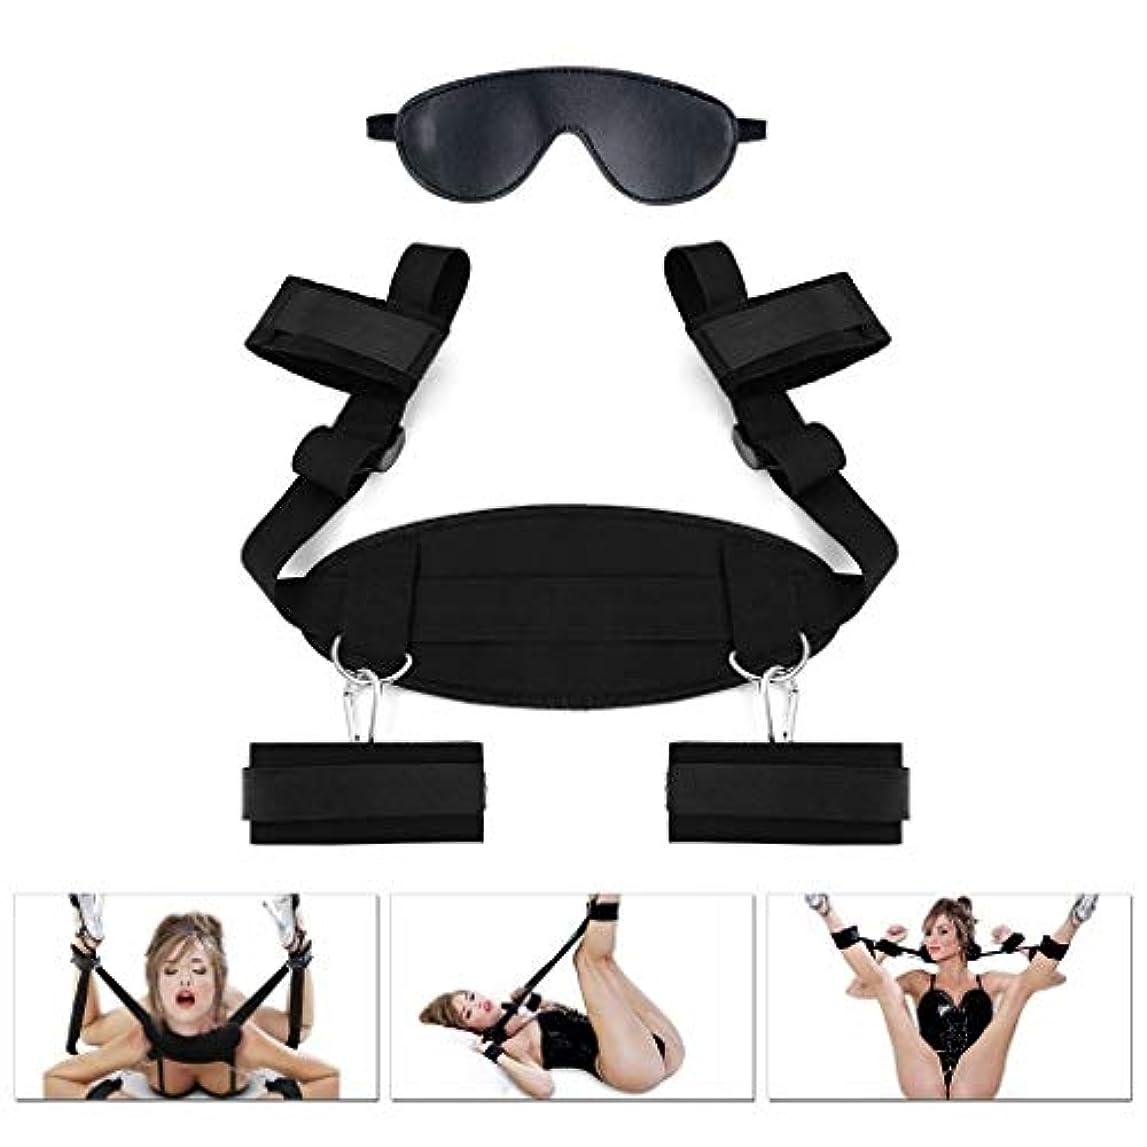 見落とす内側爆発するYUQIUSHU カップルのための調節可能な束縛セット、足首および手首の拘束具に適しています